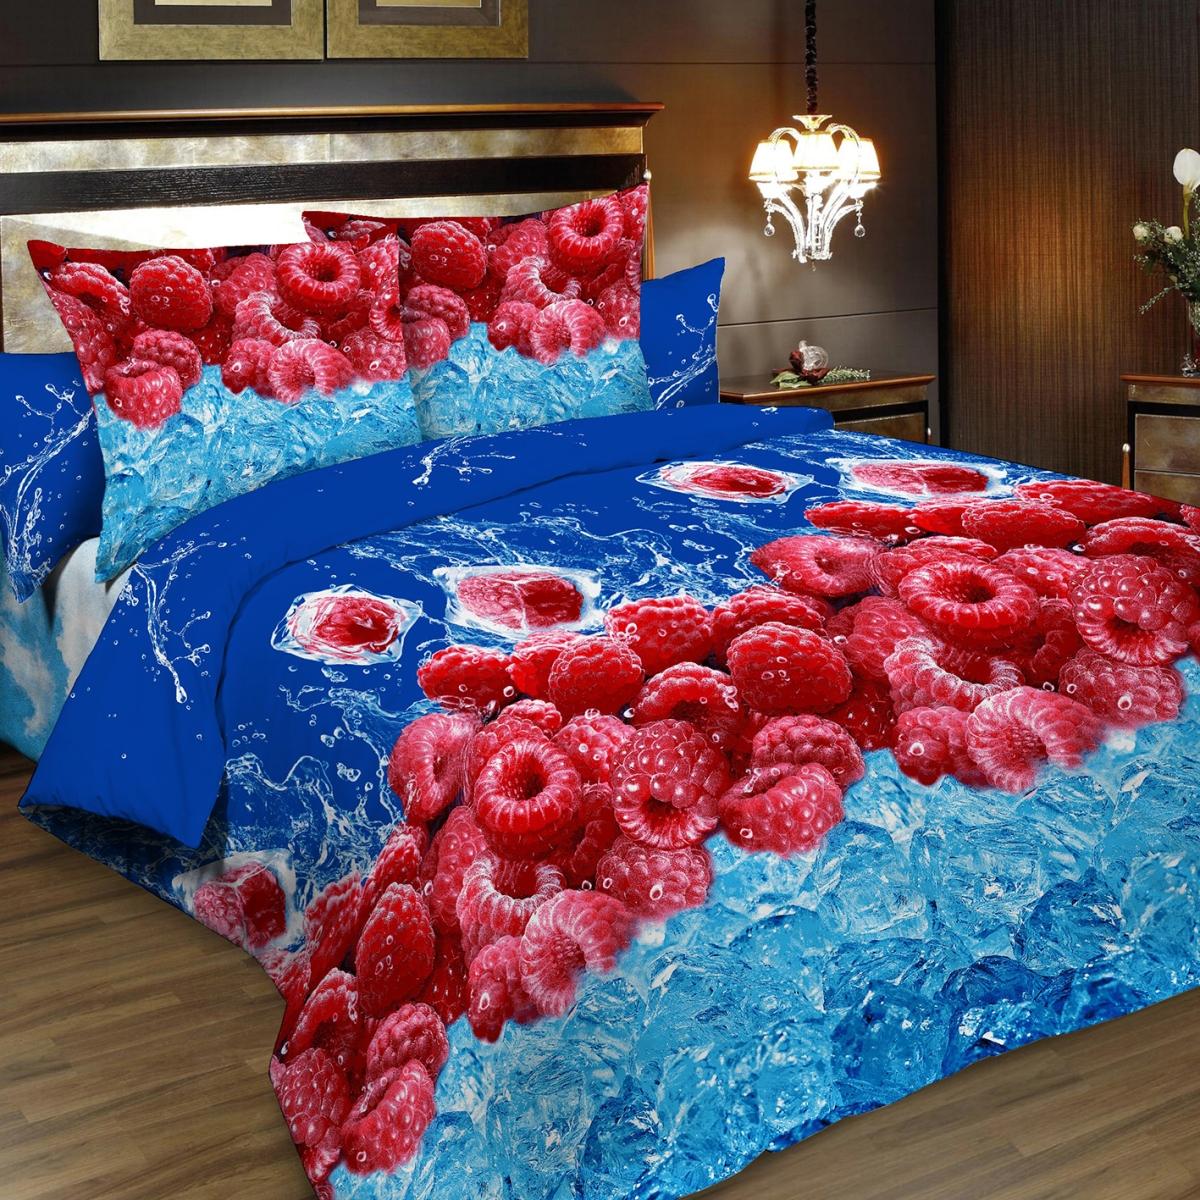 """Комплект белья """"Letto"""", 2-спальный, наволочки 70х70, цвет: голубой, синий, красный. B185-4"""